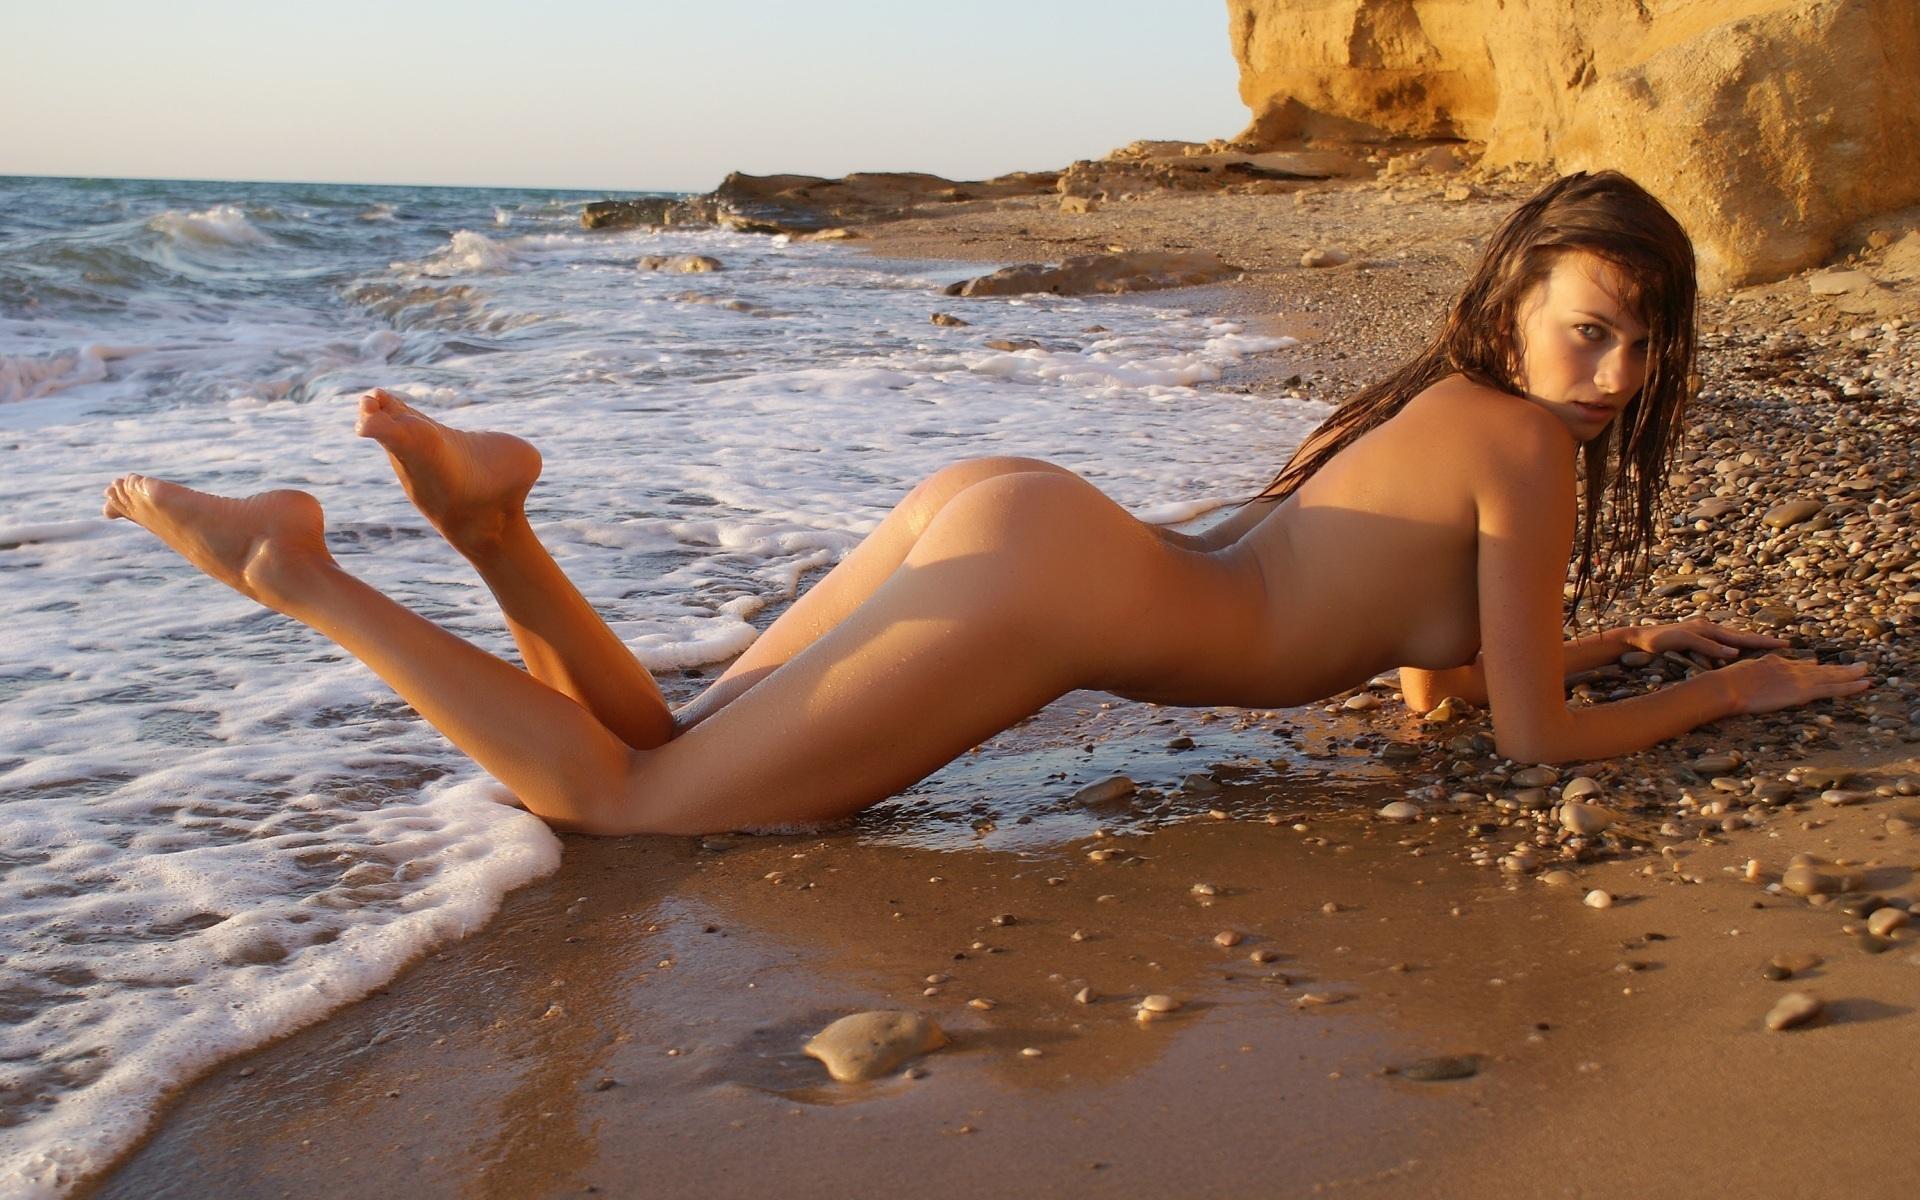 на пляже девушки эротика сгорала возбуждения